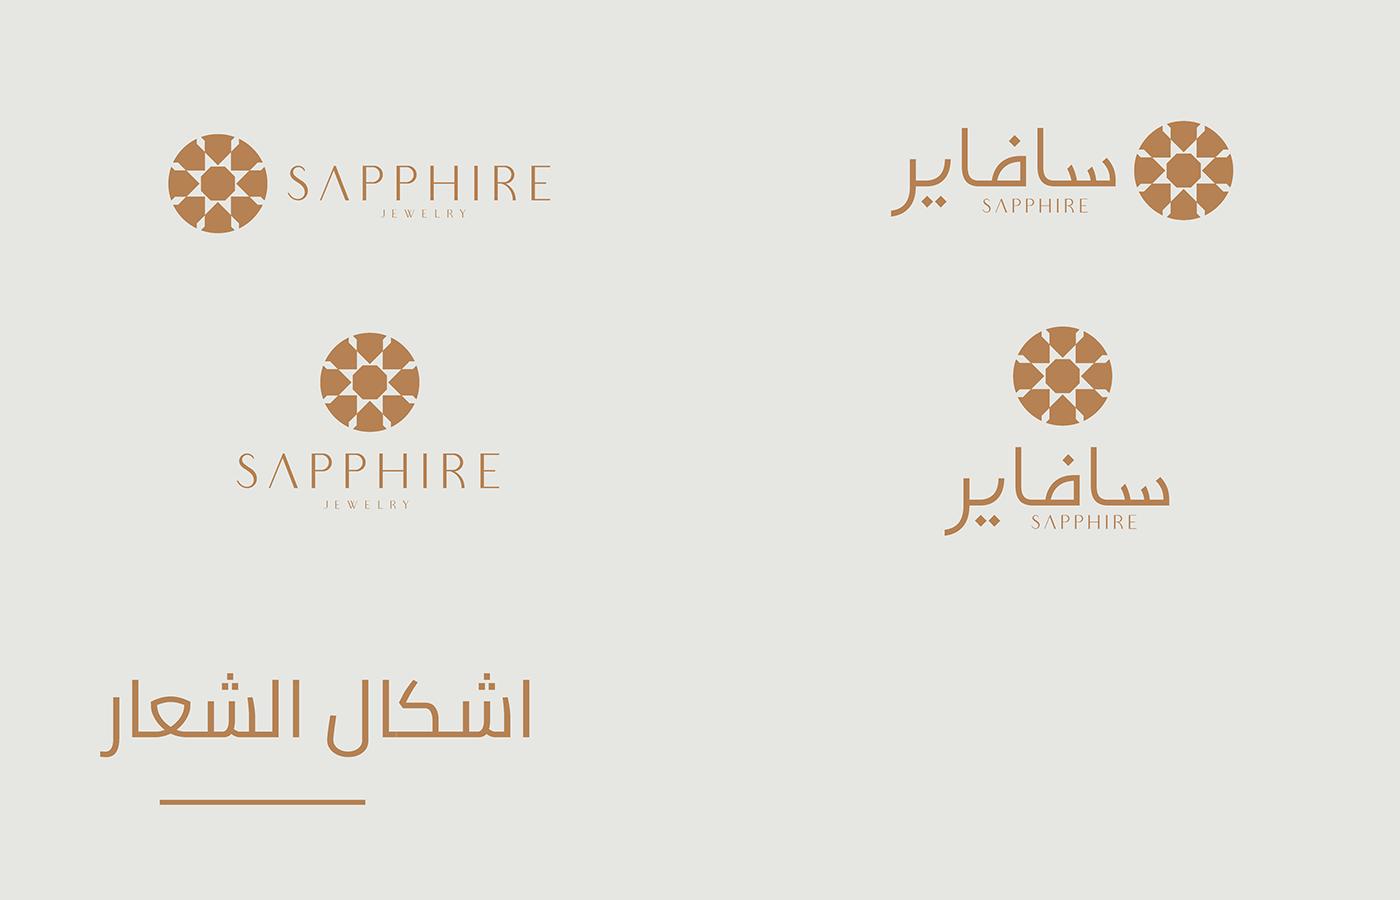 jewelry logo brand Jewelry logo branding Jewelry Logo Design jewelry logo diamond jewelry logo jewellery jewelry logo luxury